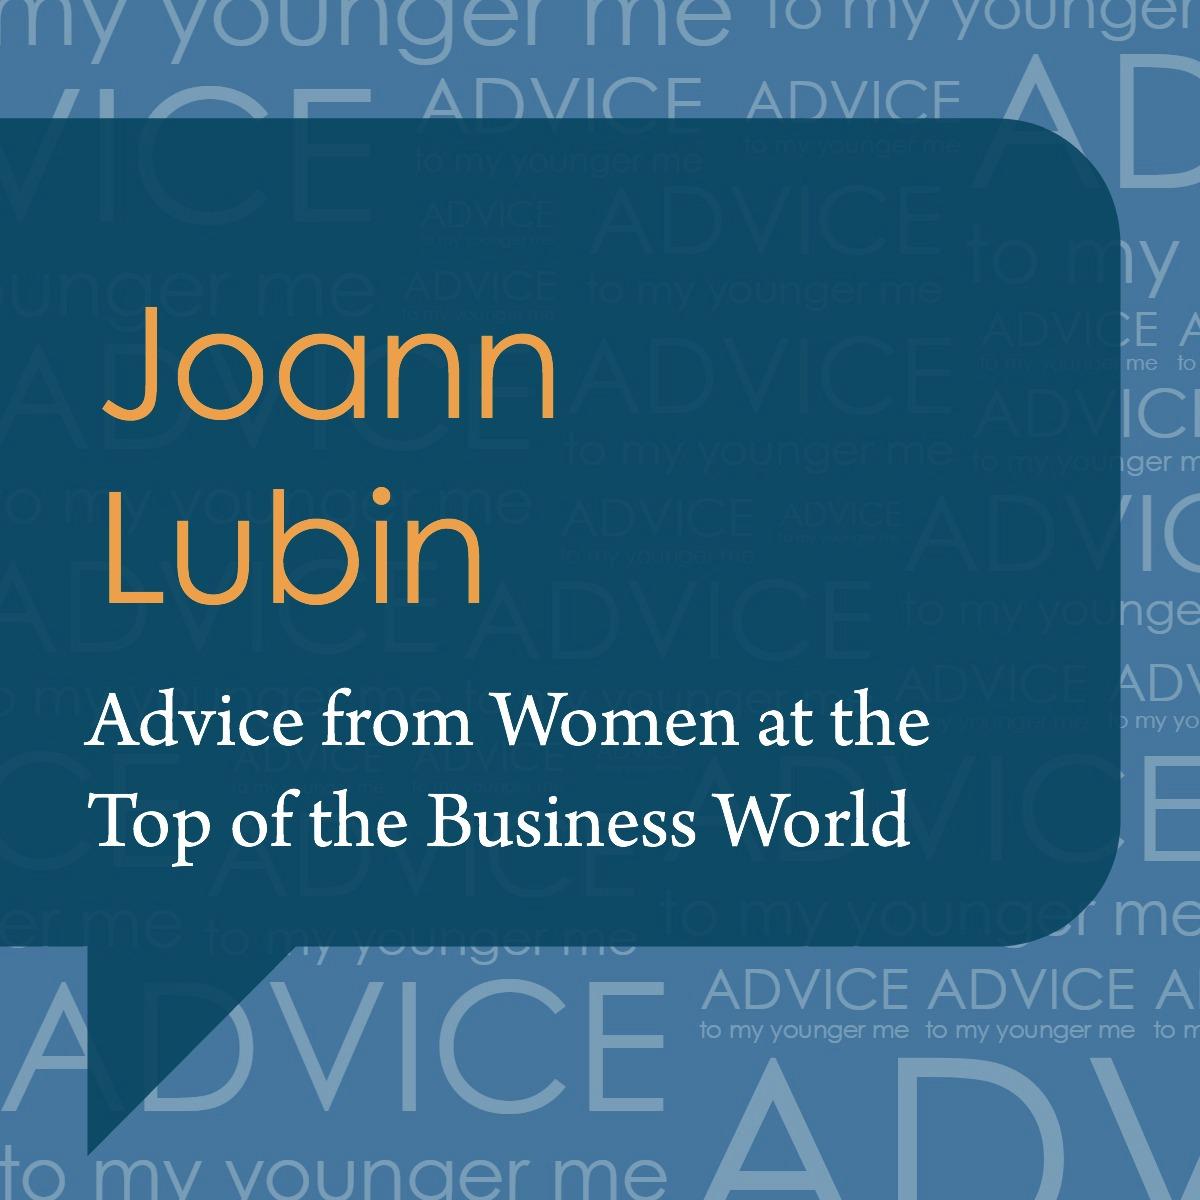 Joann Lubin